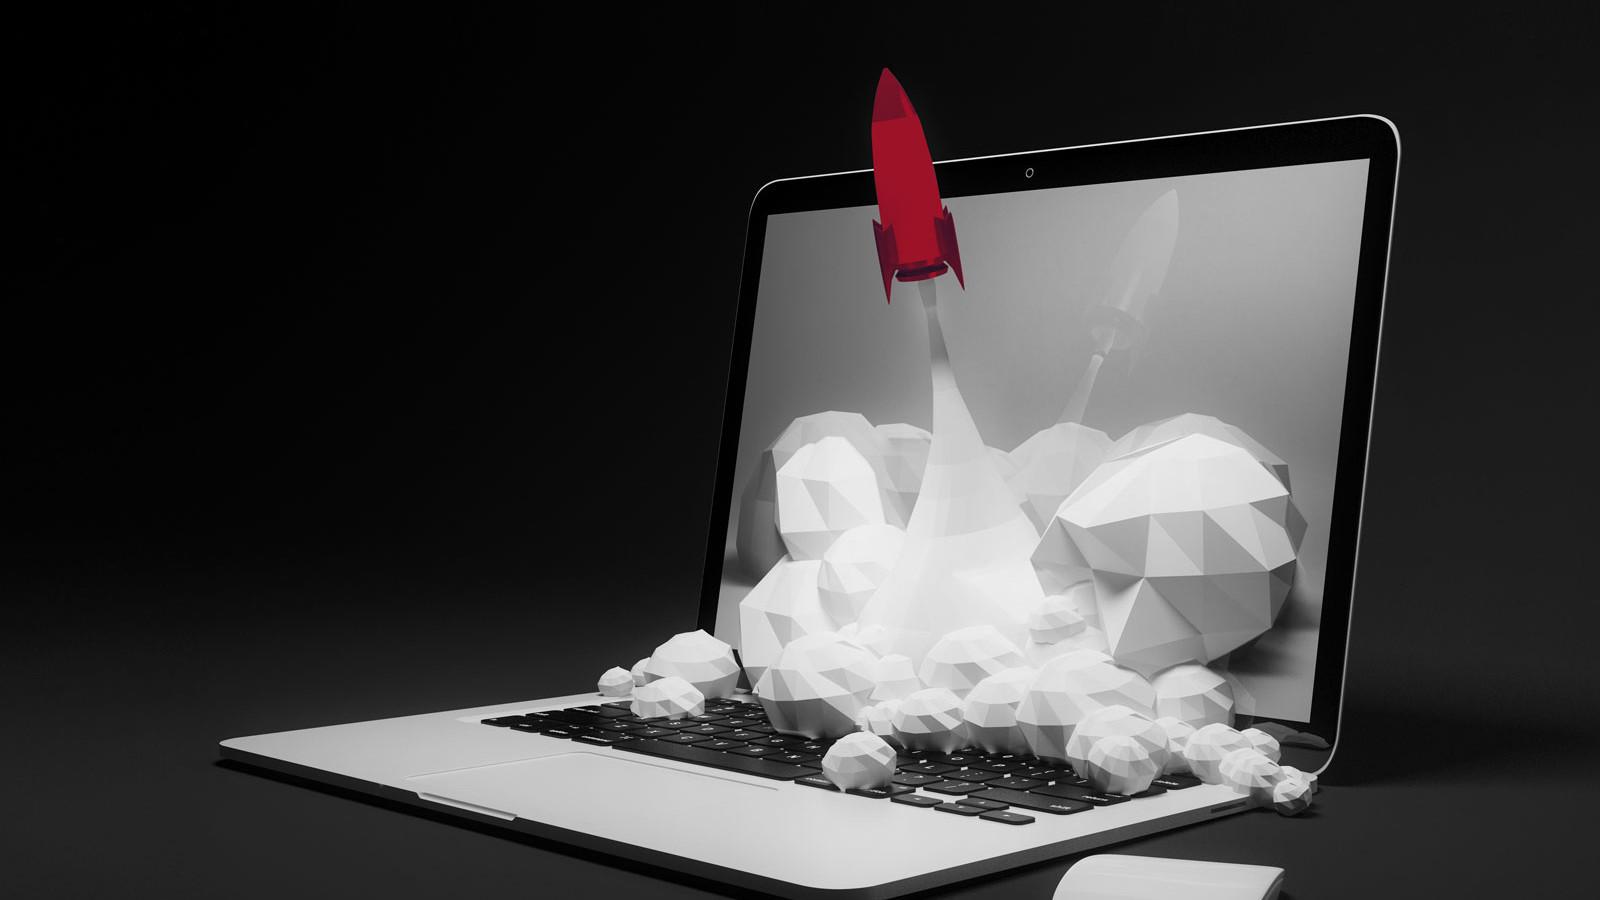 Eine rote Rakete startet aus dem Laptop als Symbolbild für das Potenzial von Markencoaching